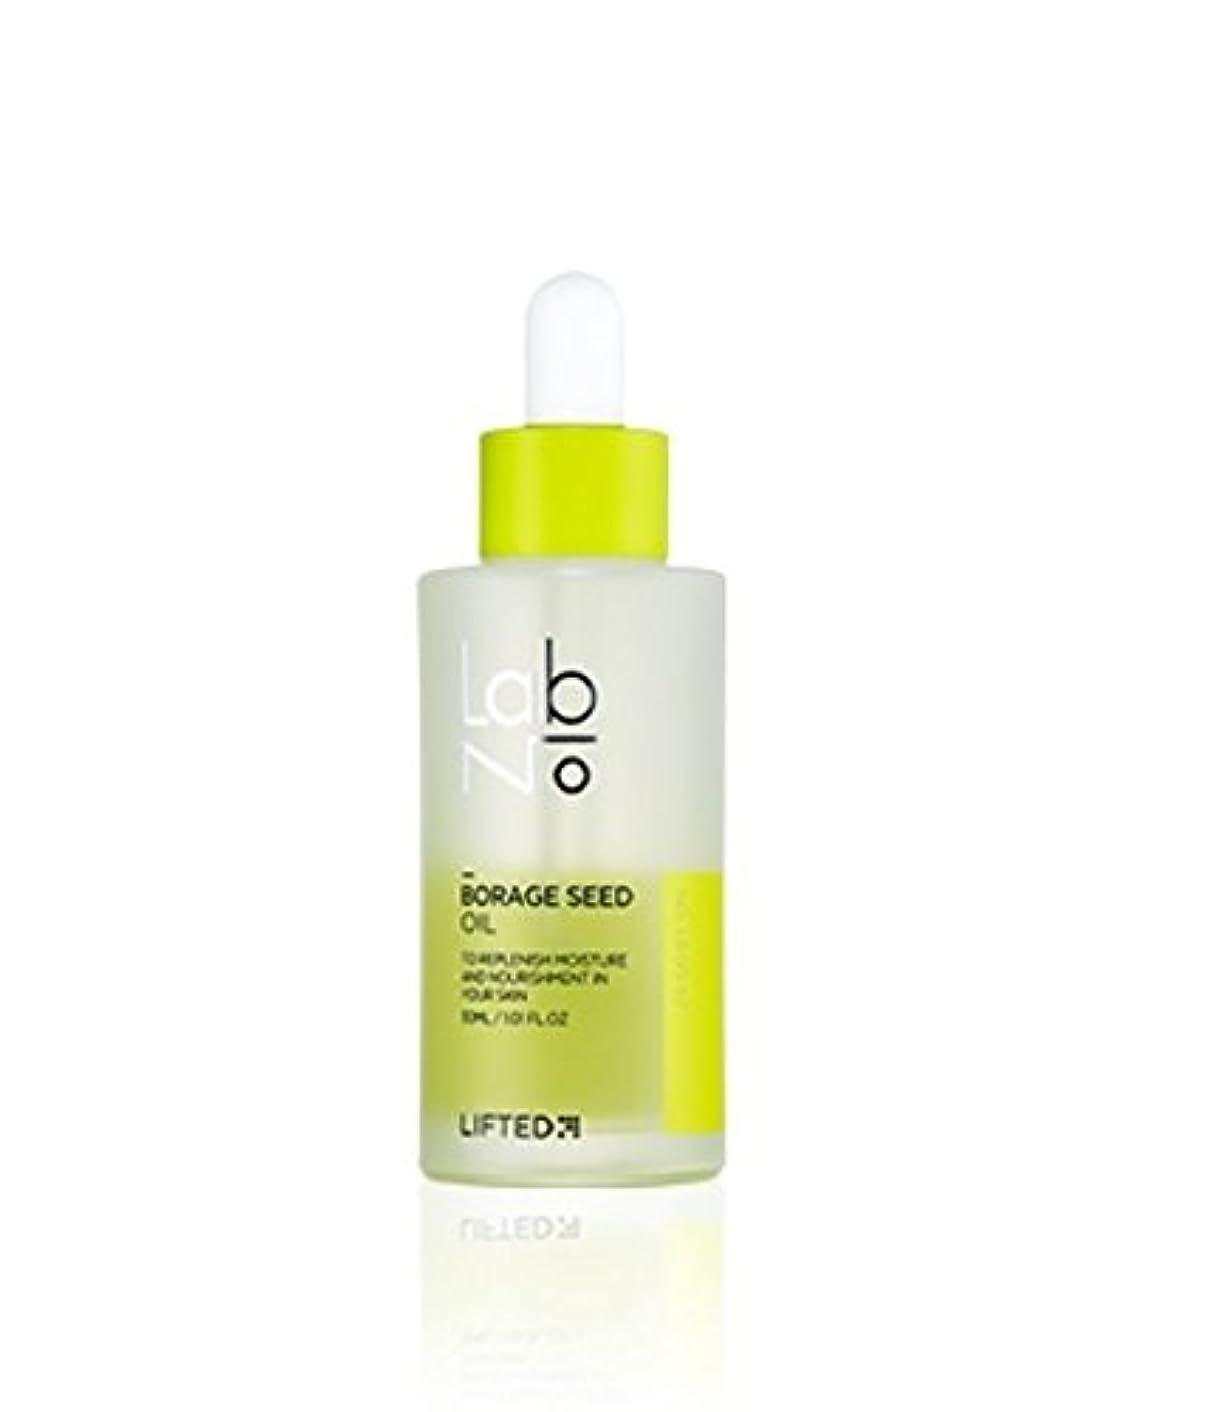 犯罪相関するゆるくLabNo リフティッド ボリジ シード オイル / Labno Lifted Borage Seed Oil (30ml) [並行輸入品]